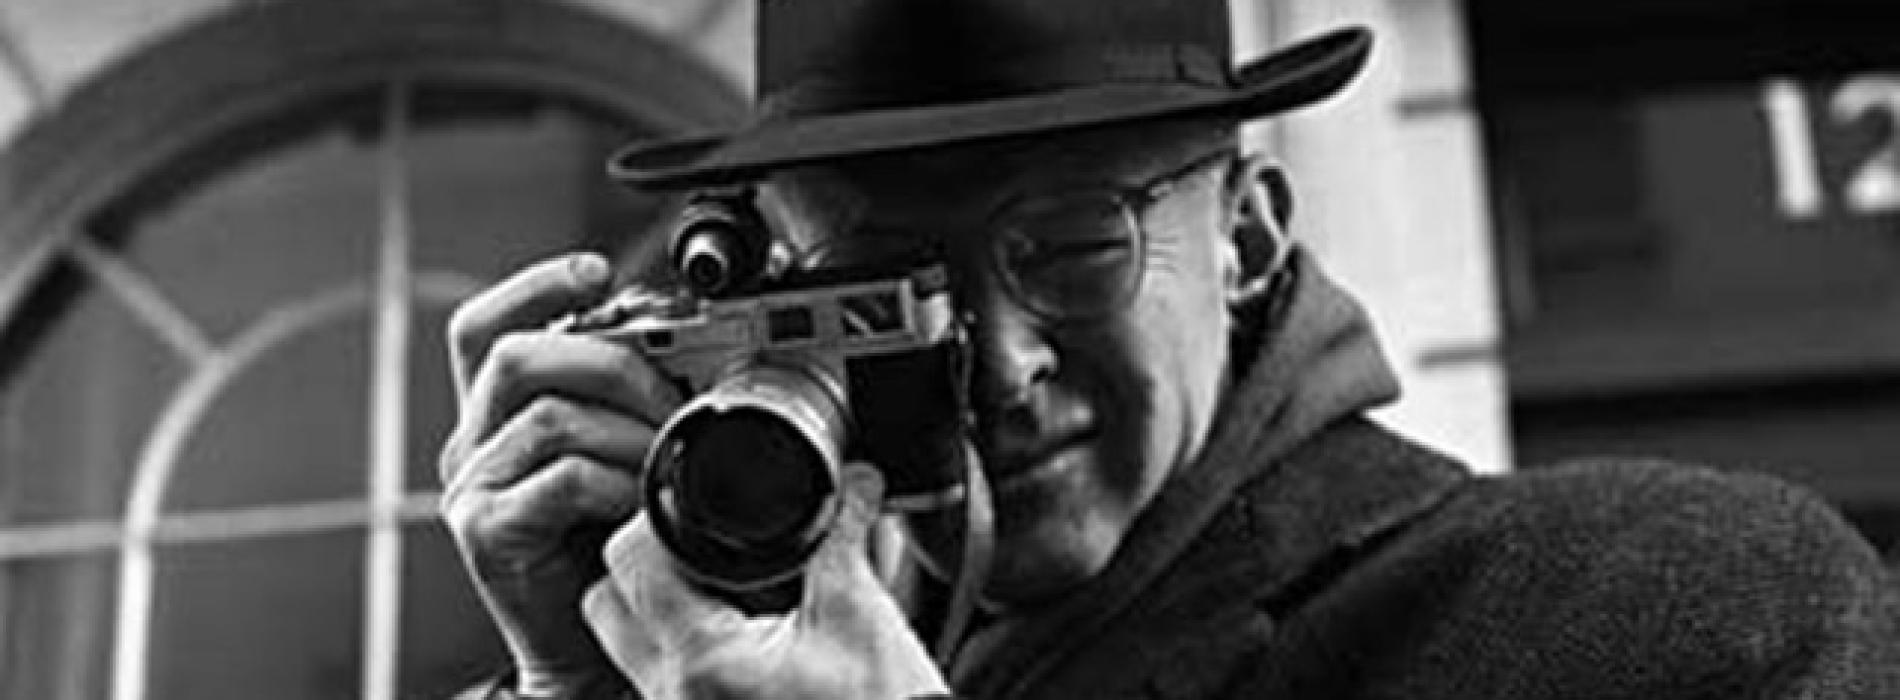 La mostra fotografica di Henri Cartier-Bresson ospitata dal Pan di Napoli